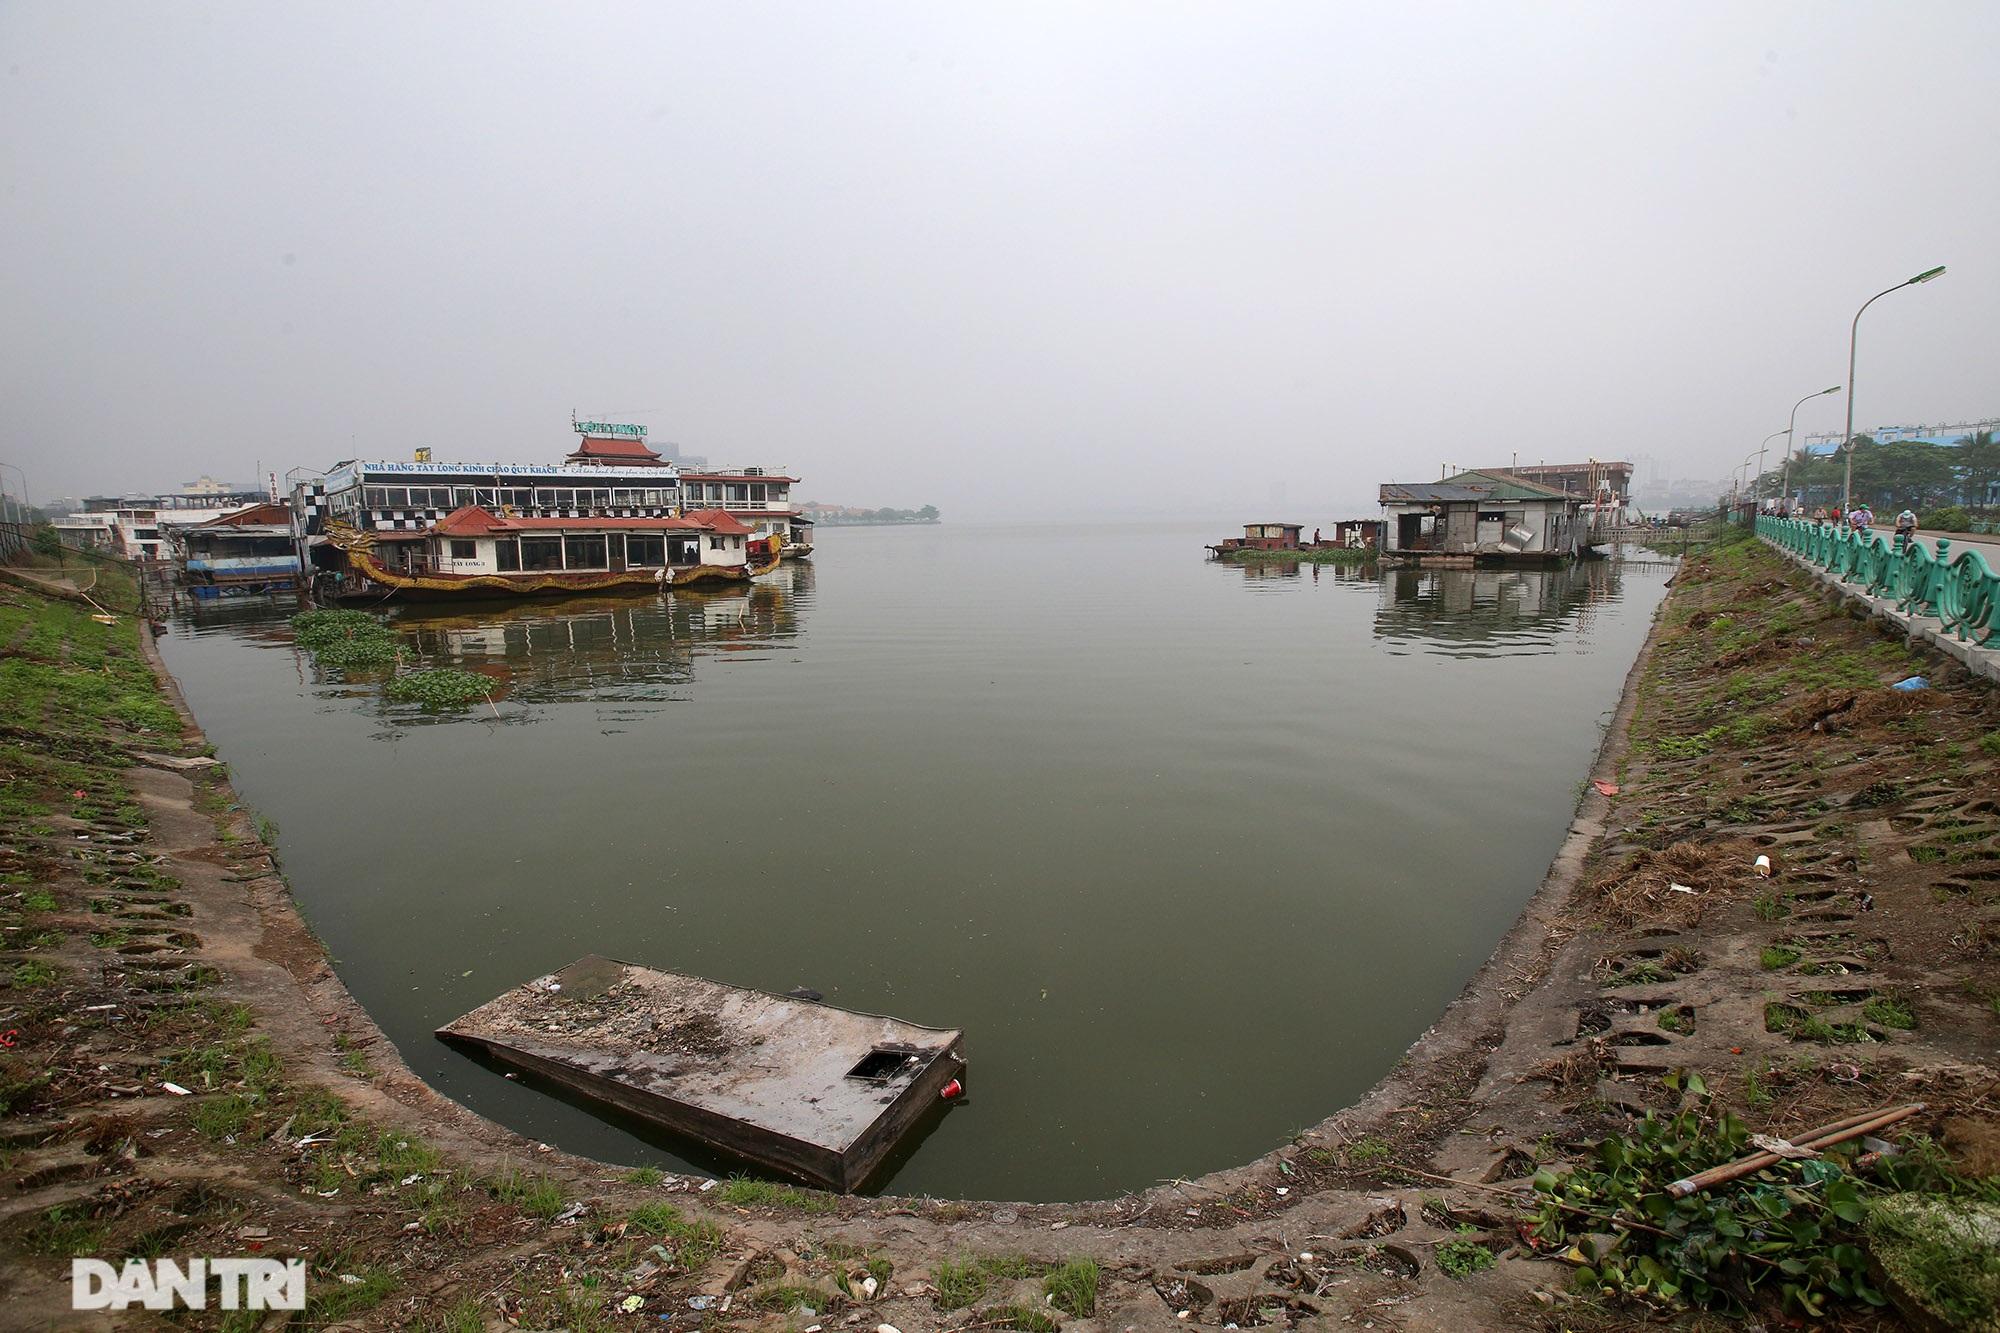 Xác tàu hoen gỉ nổi trên hồ Tây suốt 4 năm qua không được tháo dỡ - 3